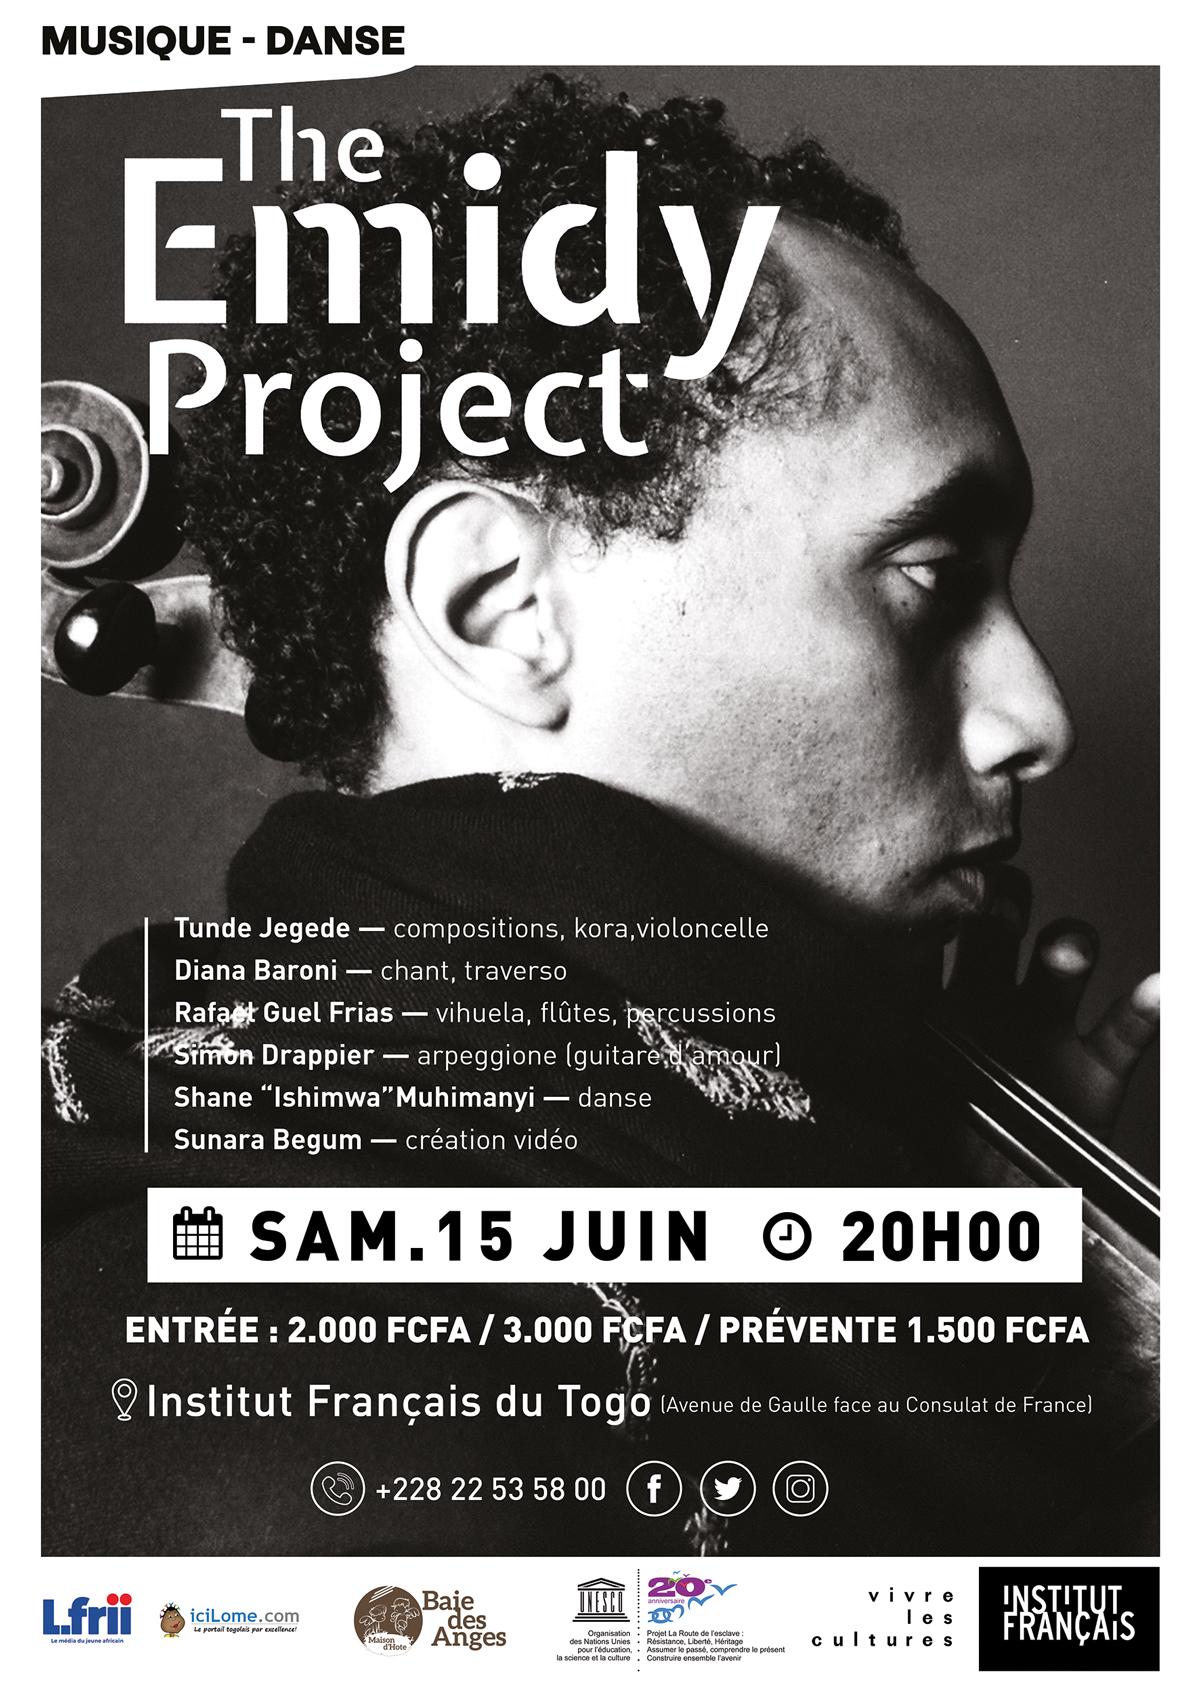 THE EMIDY PROJECT, l'histoire de l'esclave devenu chef d'orchestre !